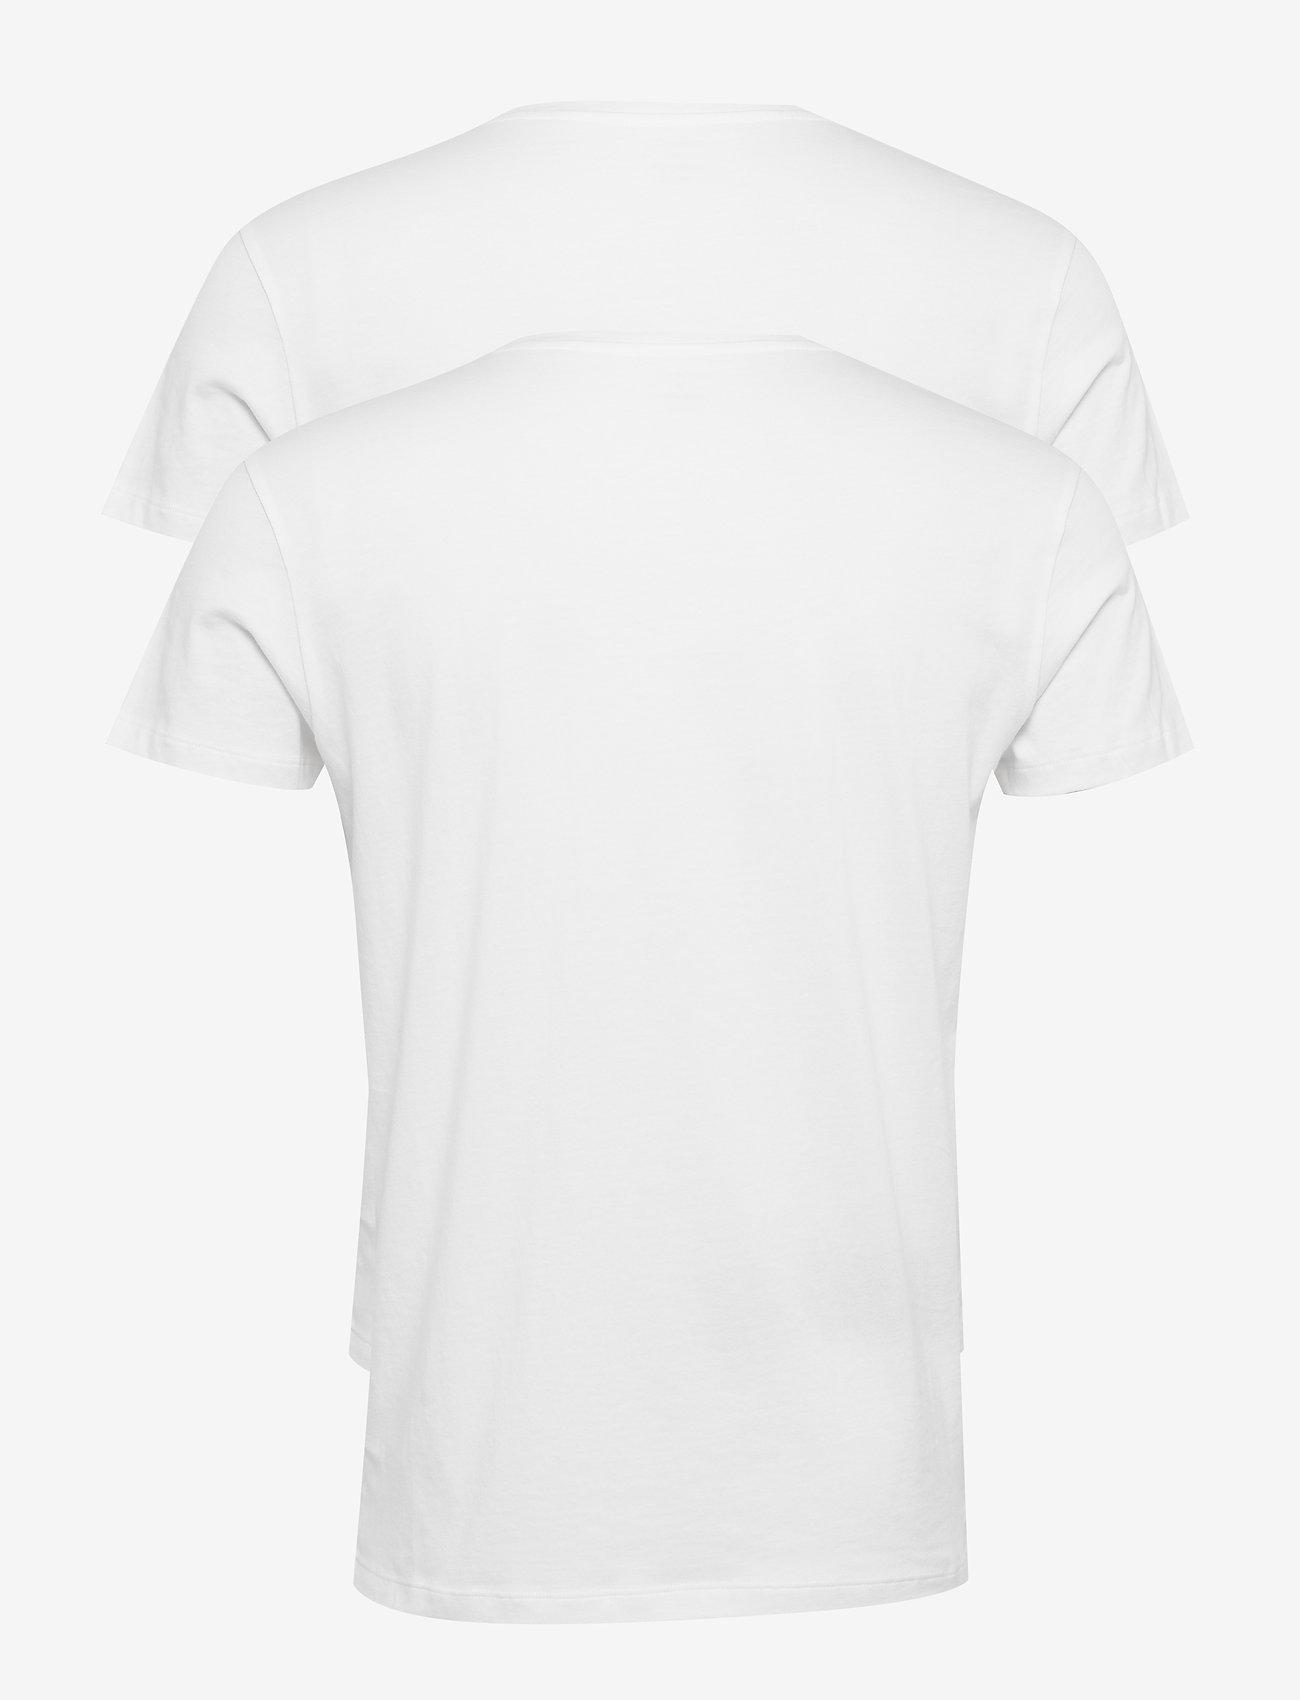 GANT - BASIC 2-PACK CREW NECK T-SHIRT - multipack - white - 1